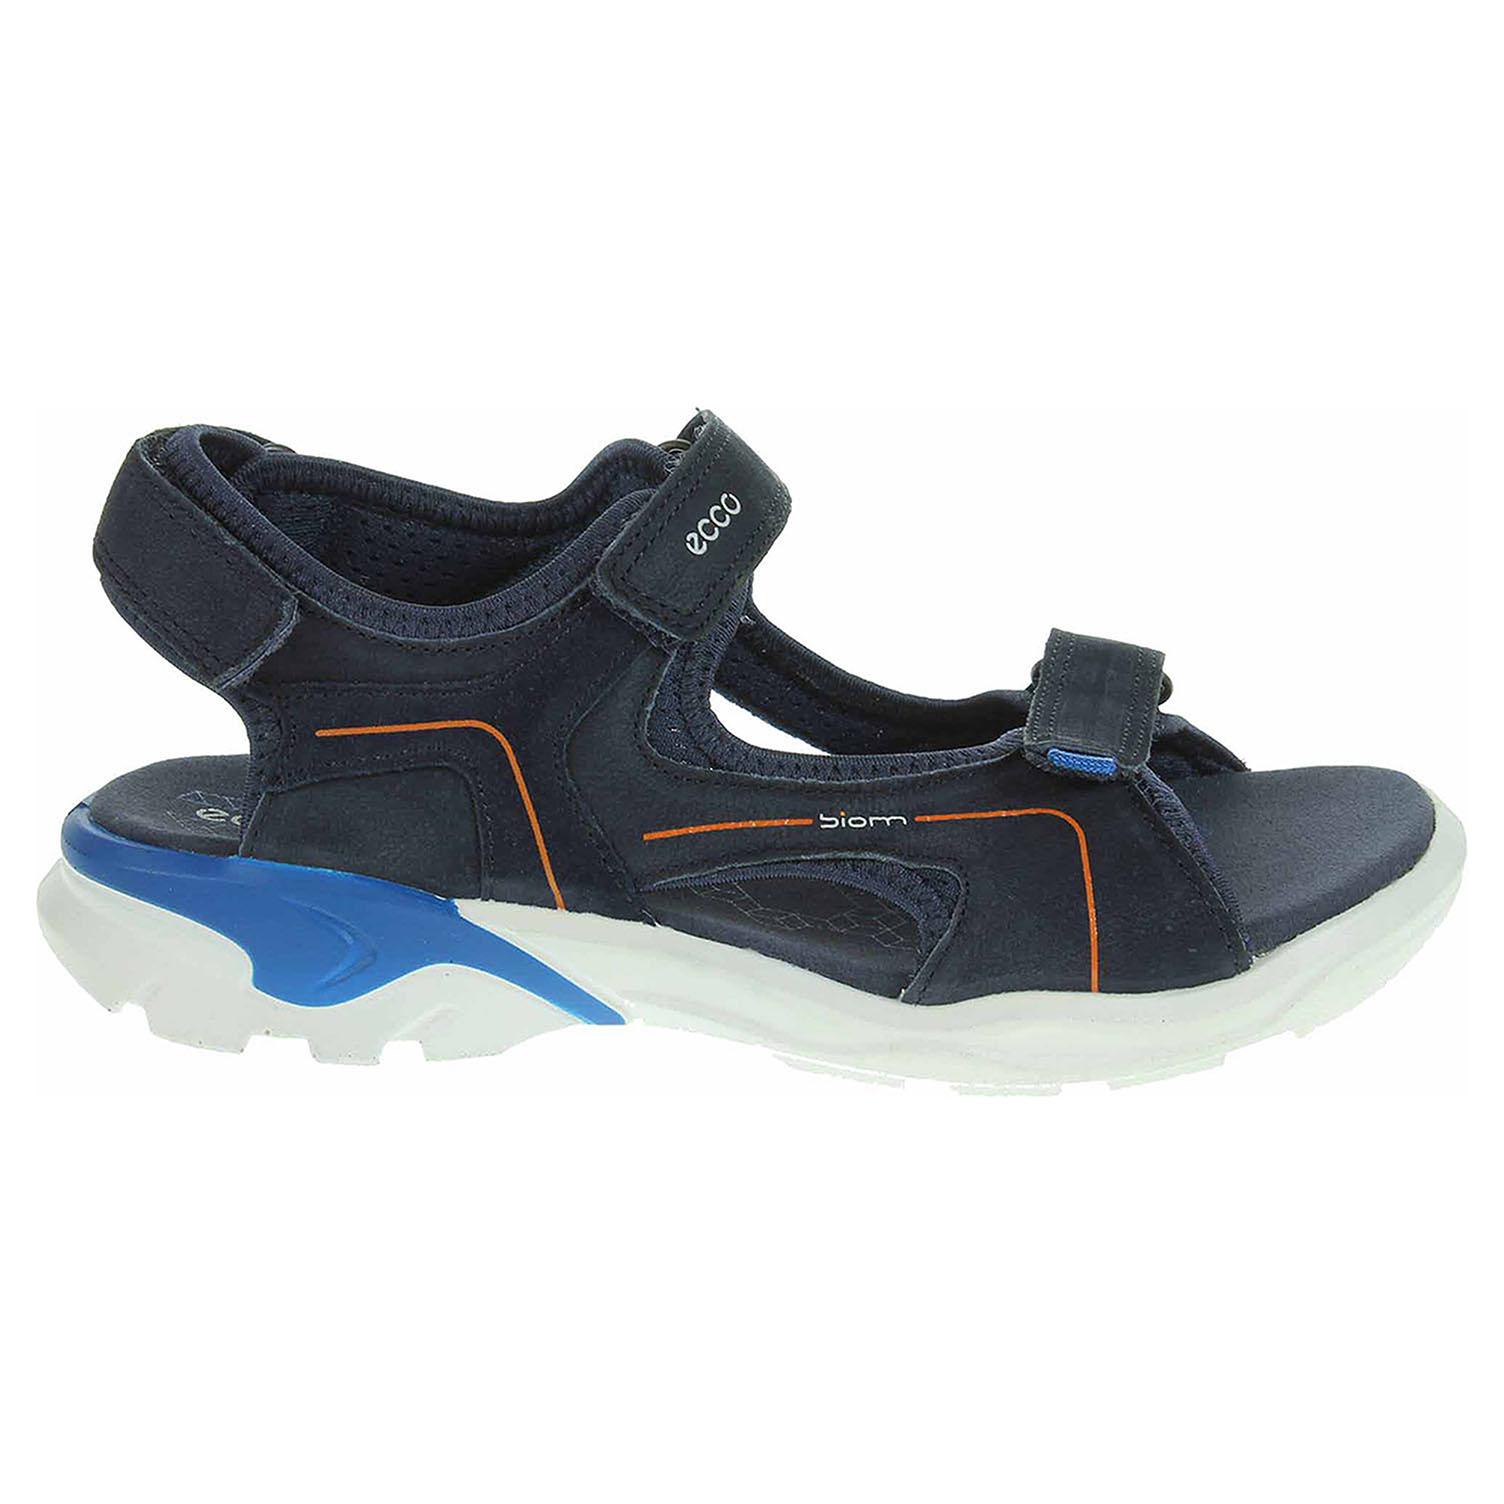 Ecco Biom Raft chlapecké sandály 70063251079 night sky-marine-night sky 70063251079 27